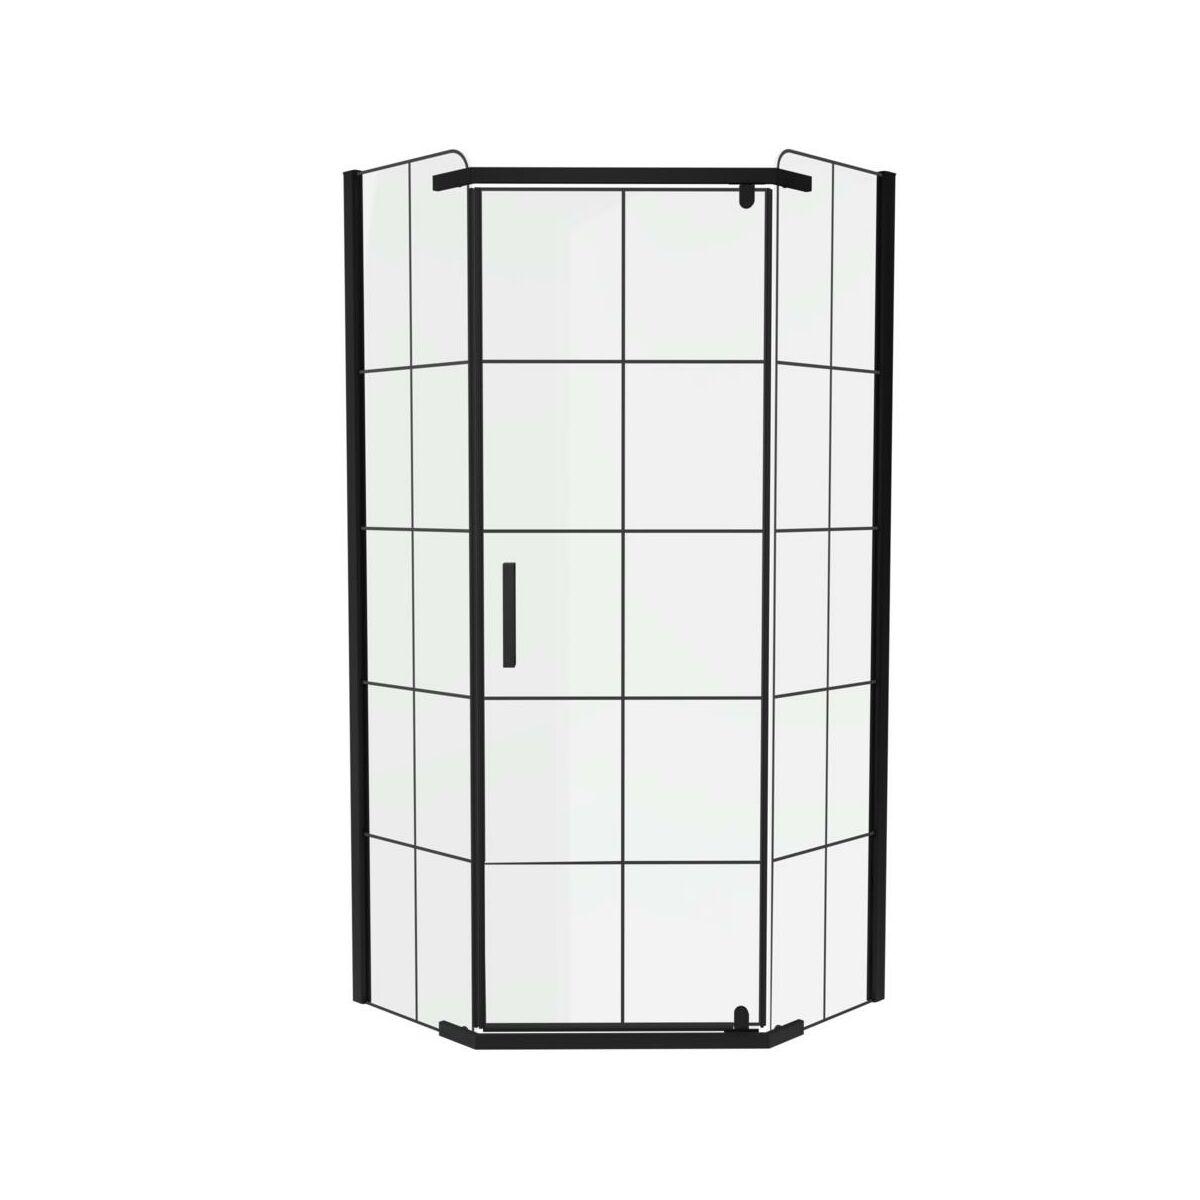 Kabina Prysznicowa Perfetto 90 X 90 Cm Wellneo Kabiny Prysznicowe W Atrakcyjnej Cenie W Sklepach Leroy Merlin